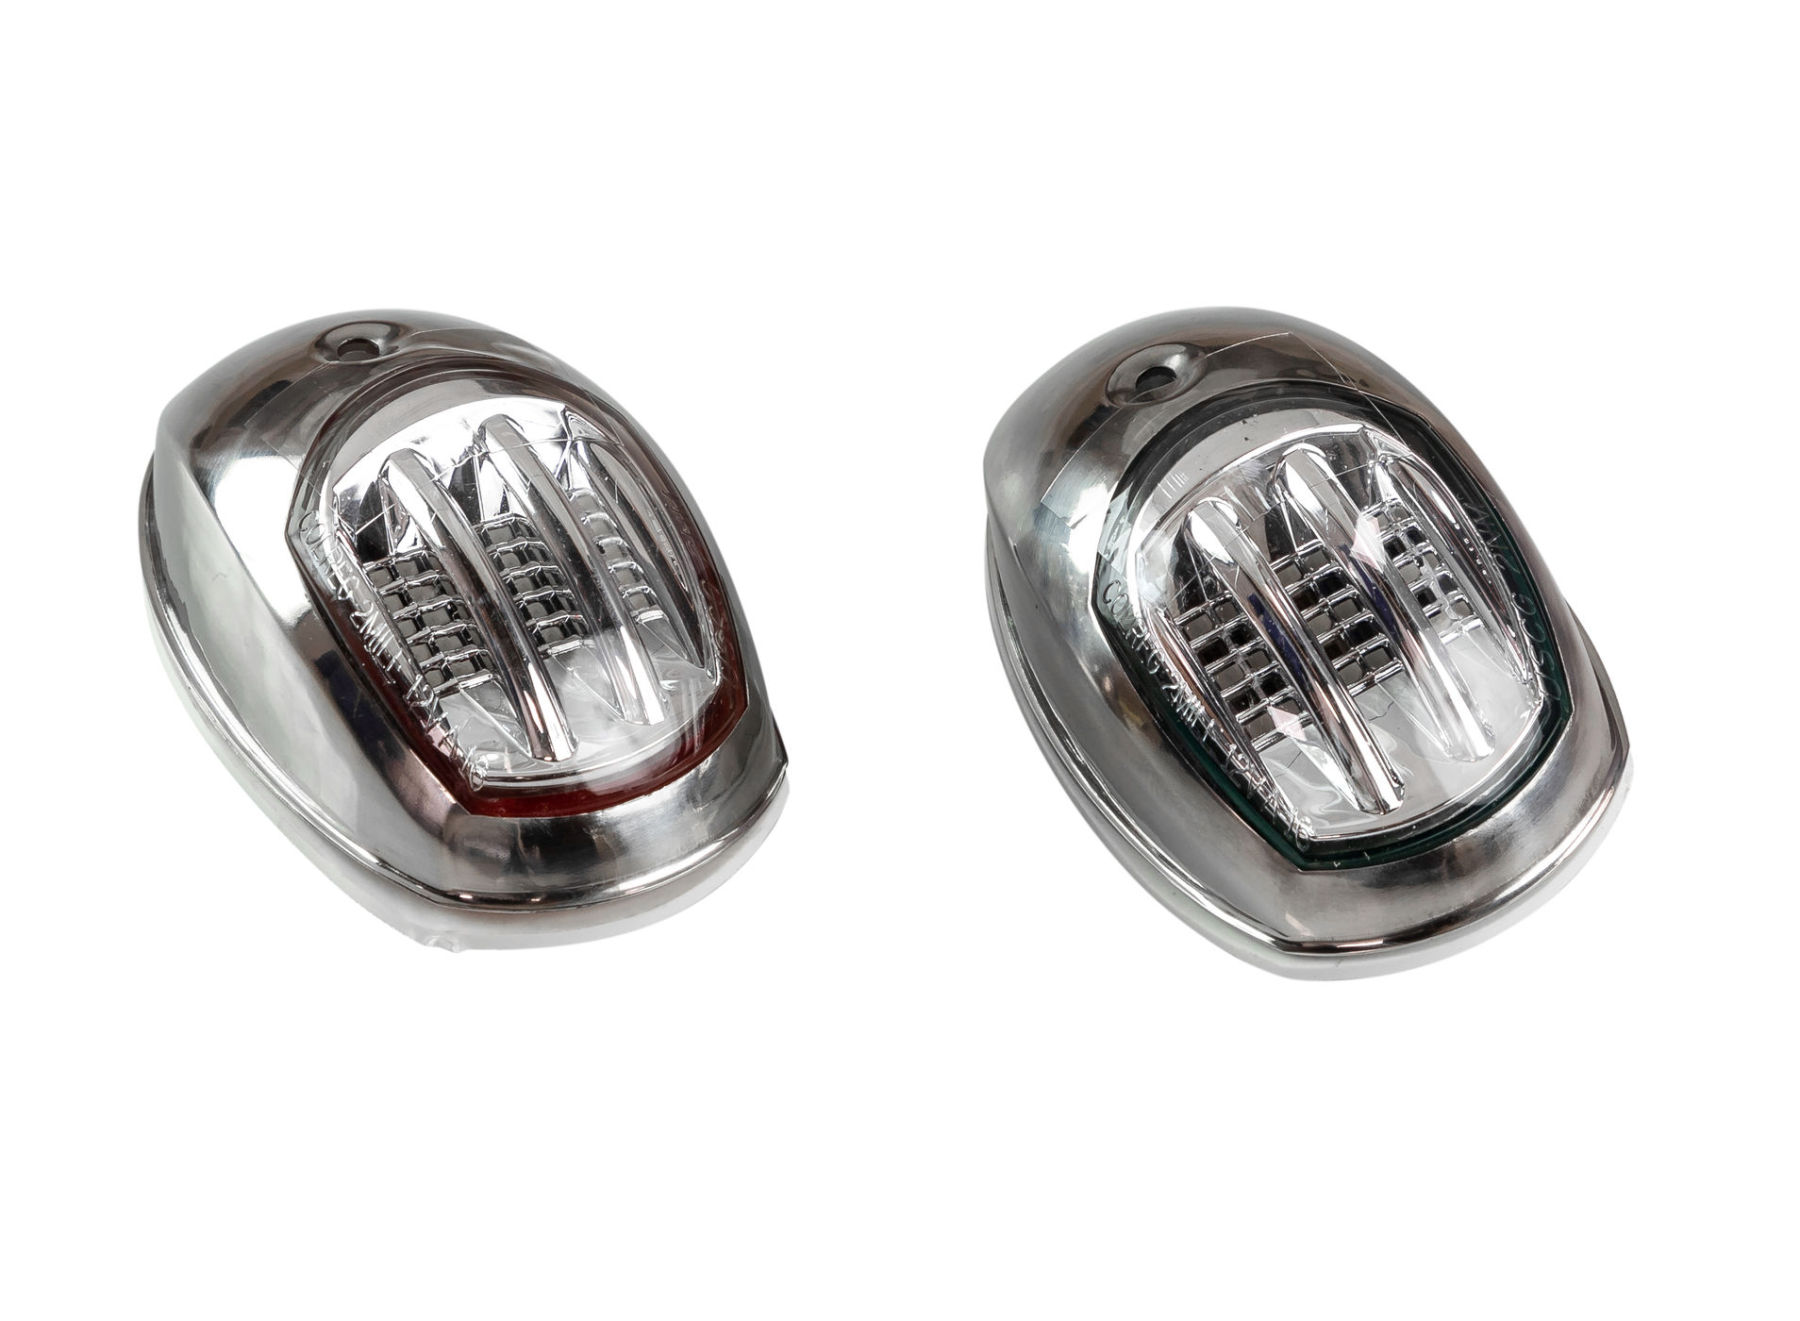 Running Lights Led 95x60mm Stainless Steel Case C91106S3